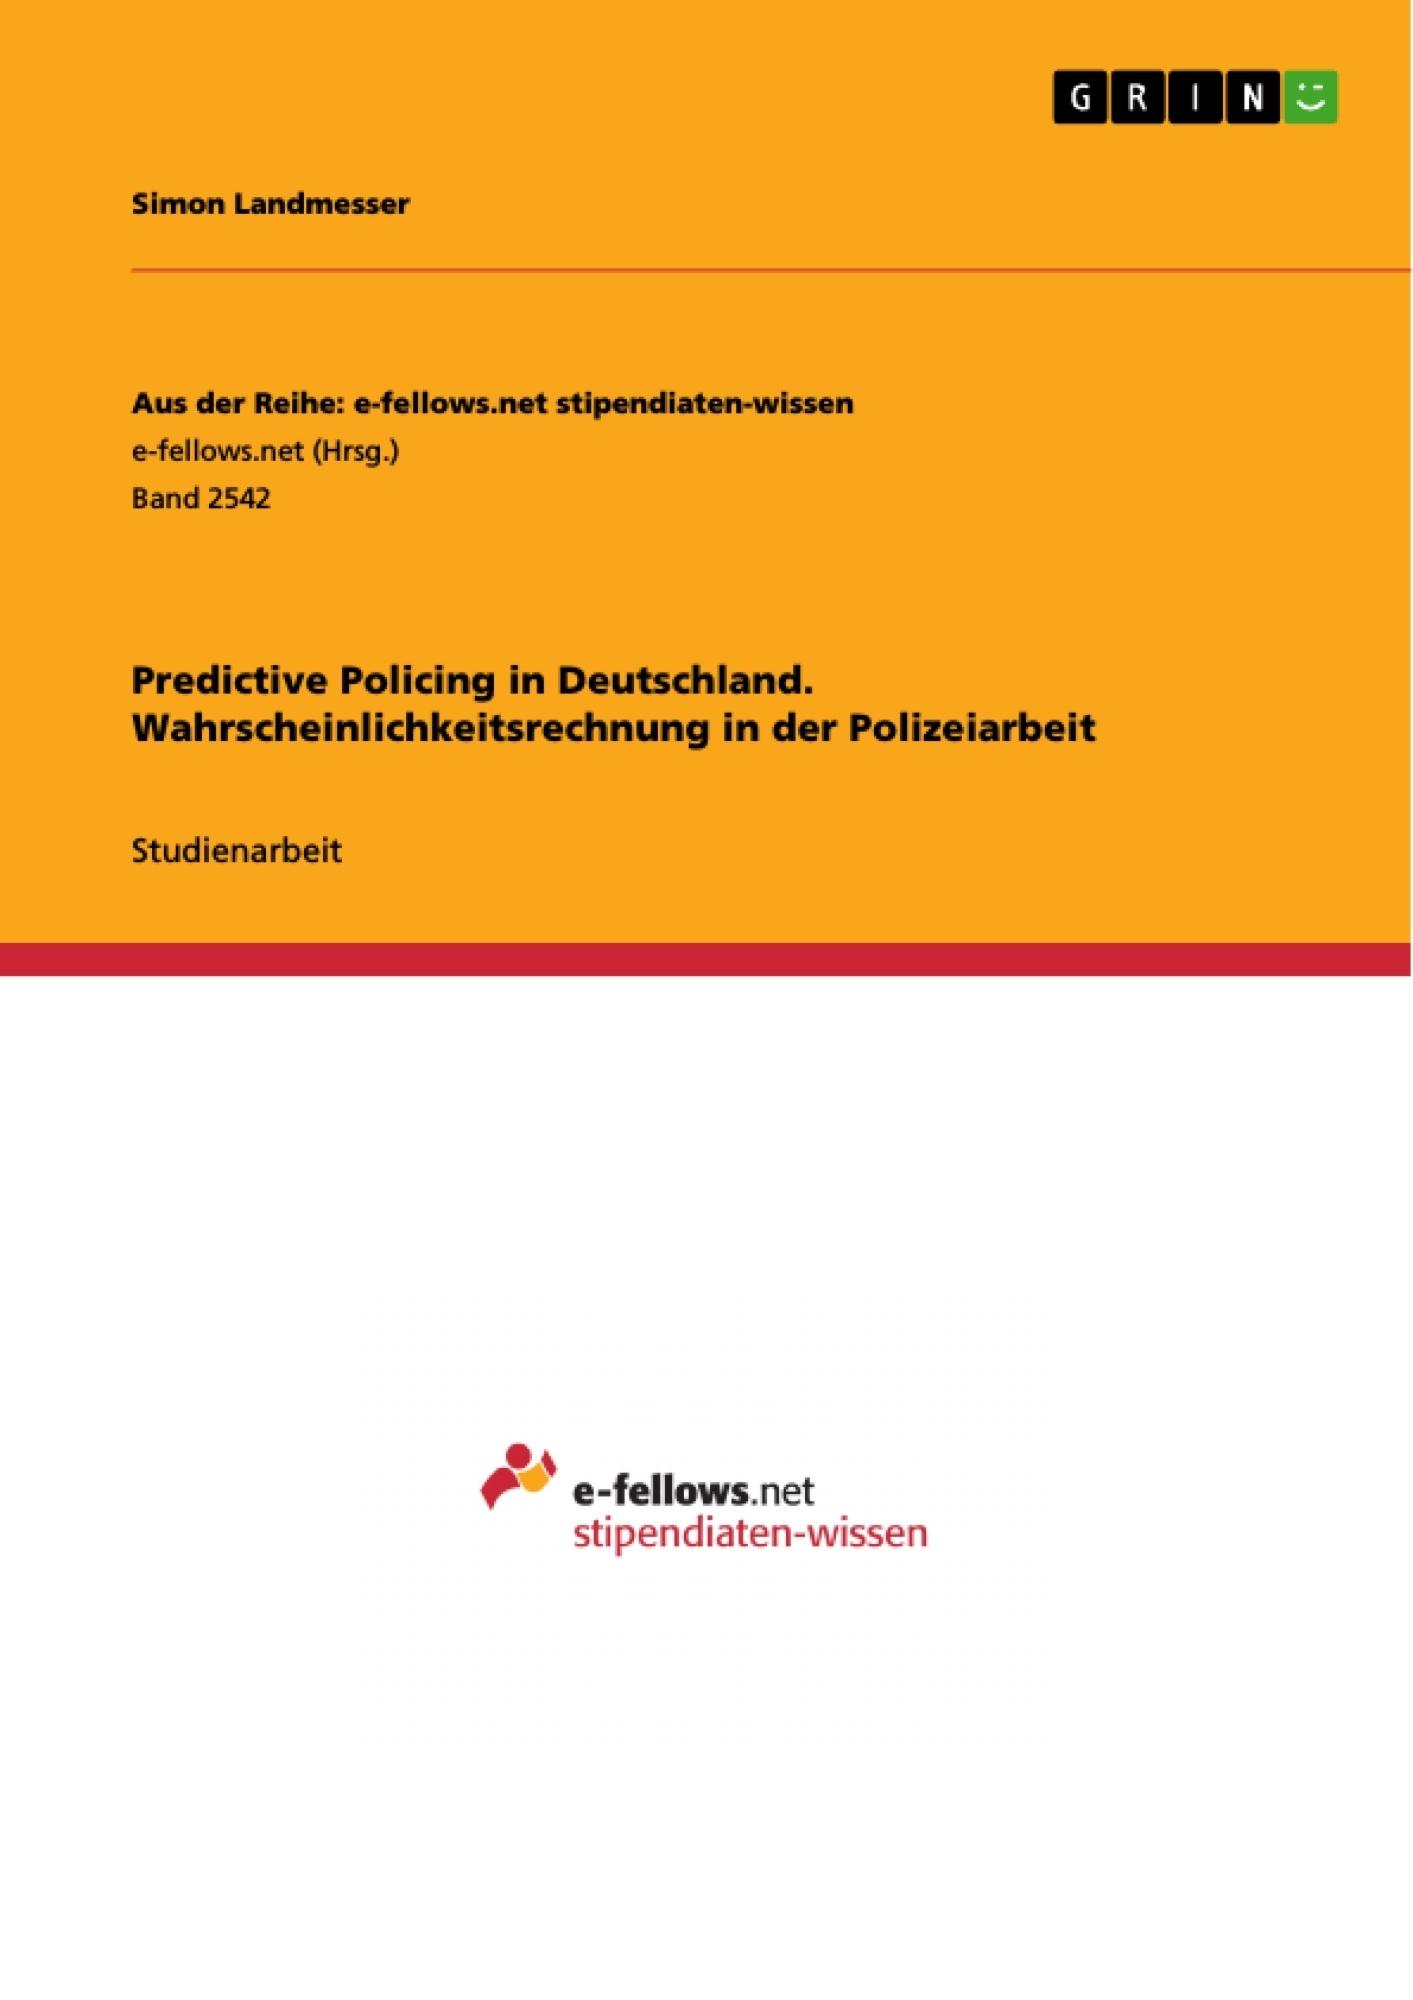 Titel: Predictive Policing in Deutschland. Wahrscheinlichkeitsrechnung in der Polizeiarbeit